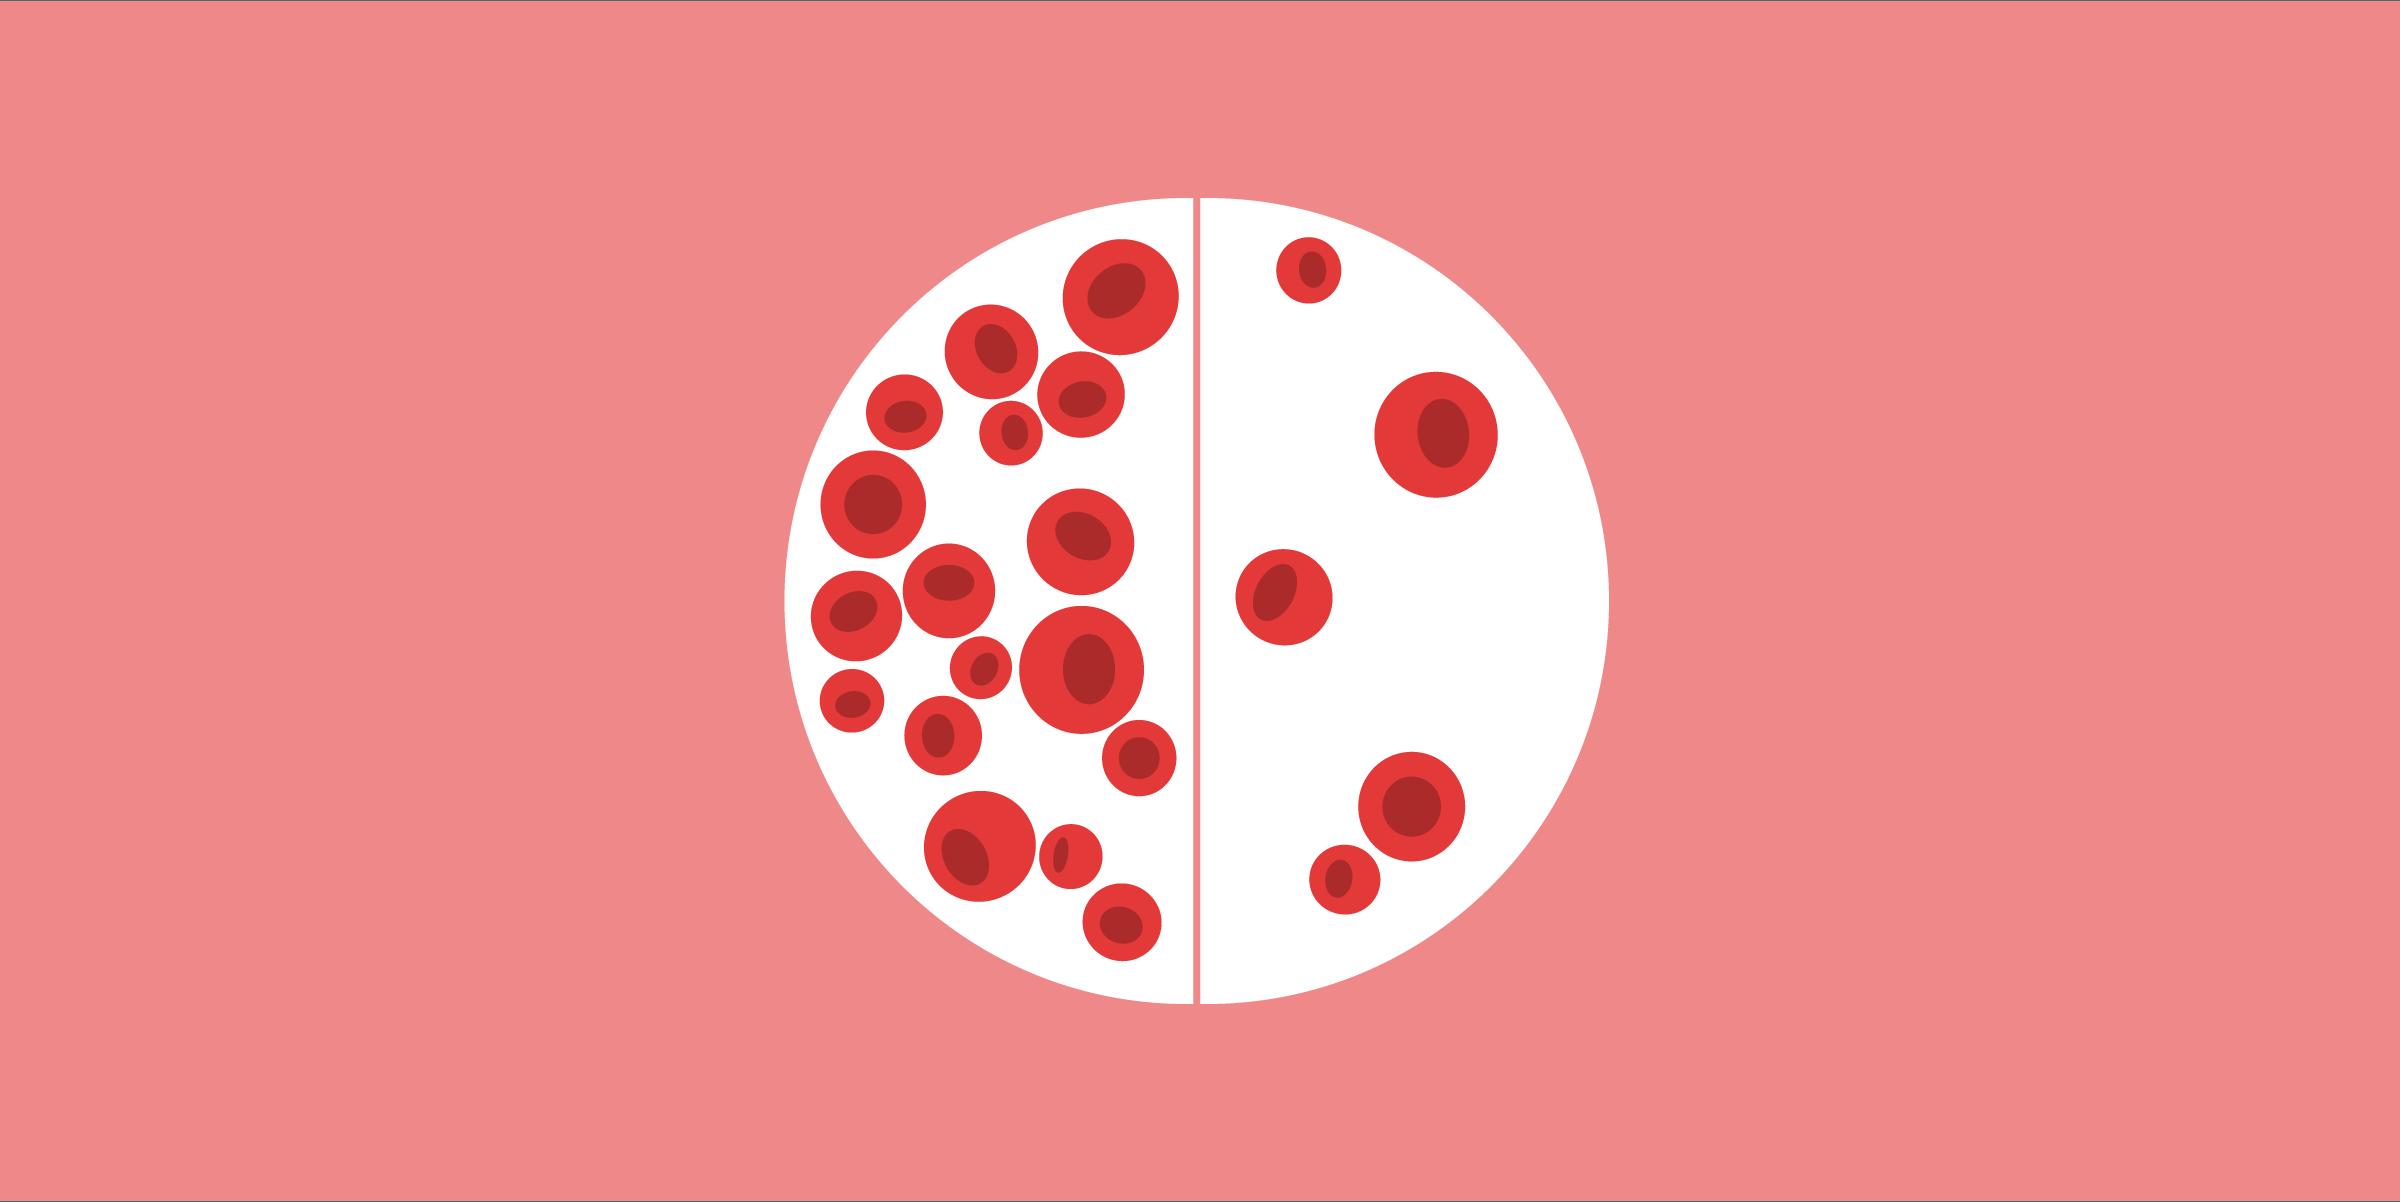 Анемия схематически